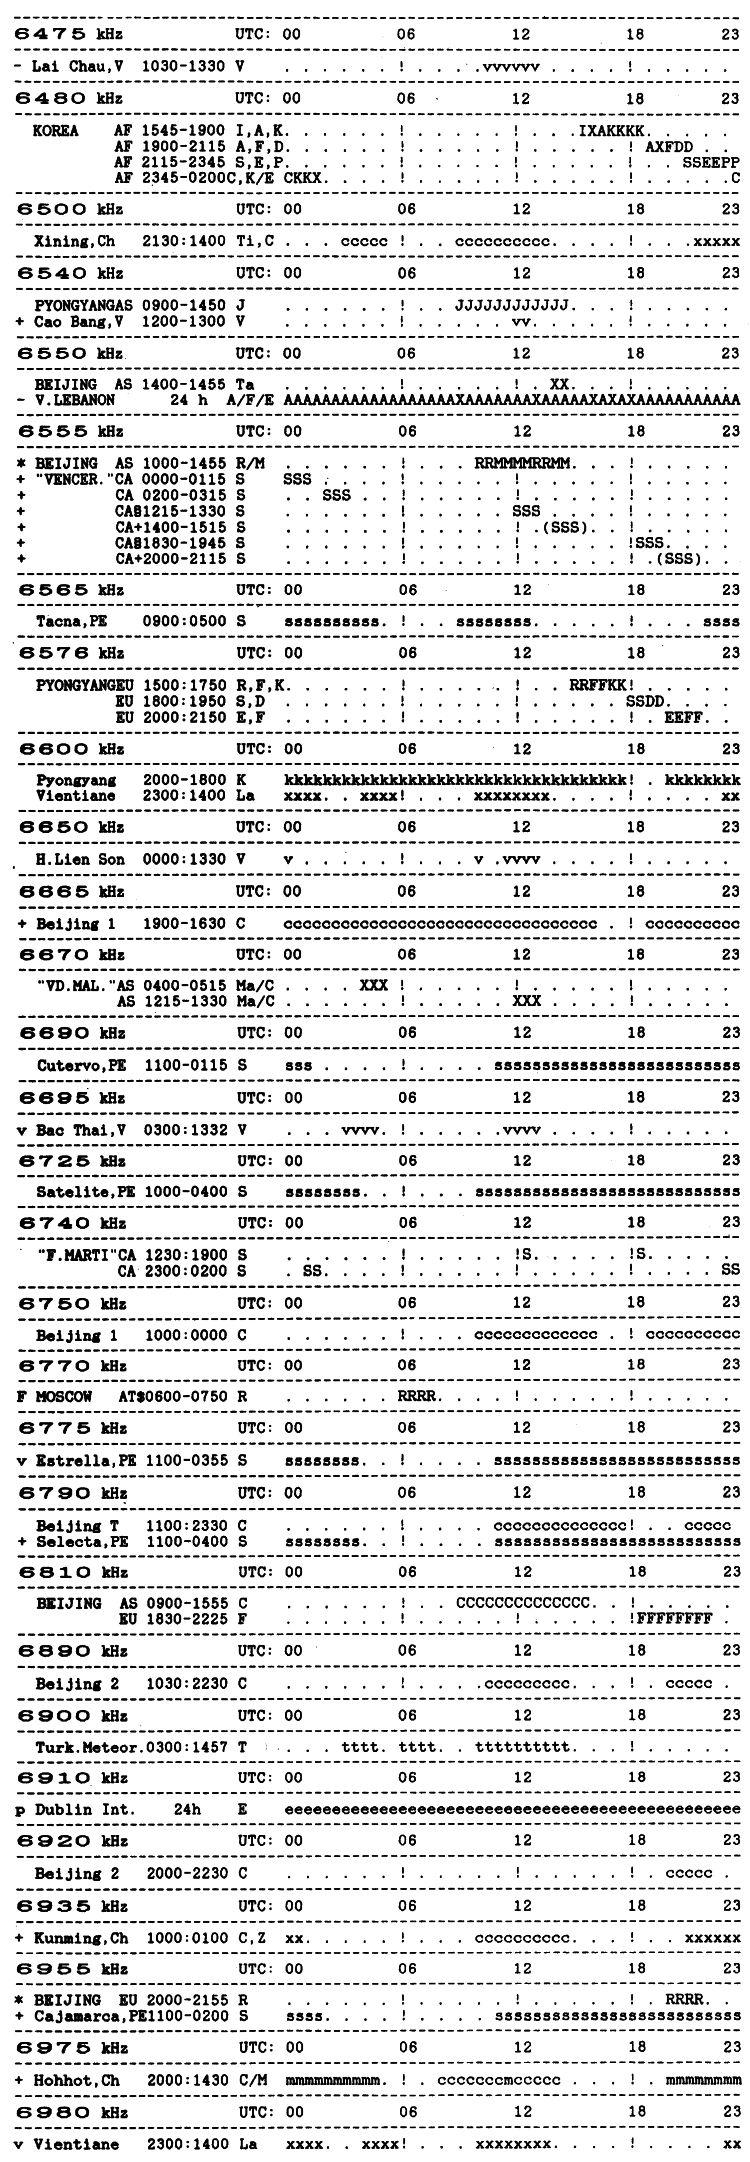 ilg-j86-6475.jpg